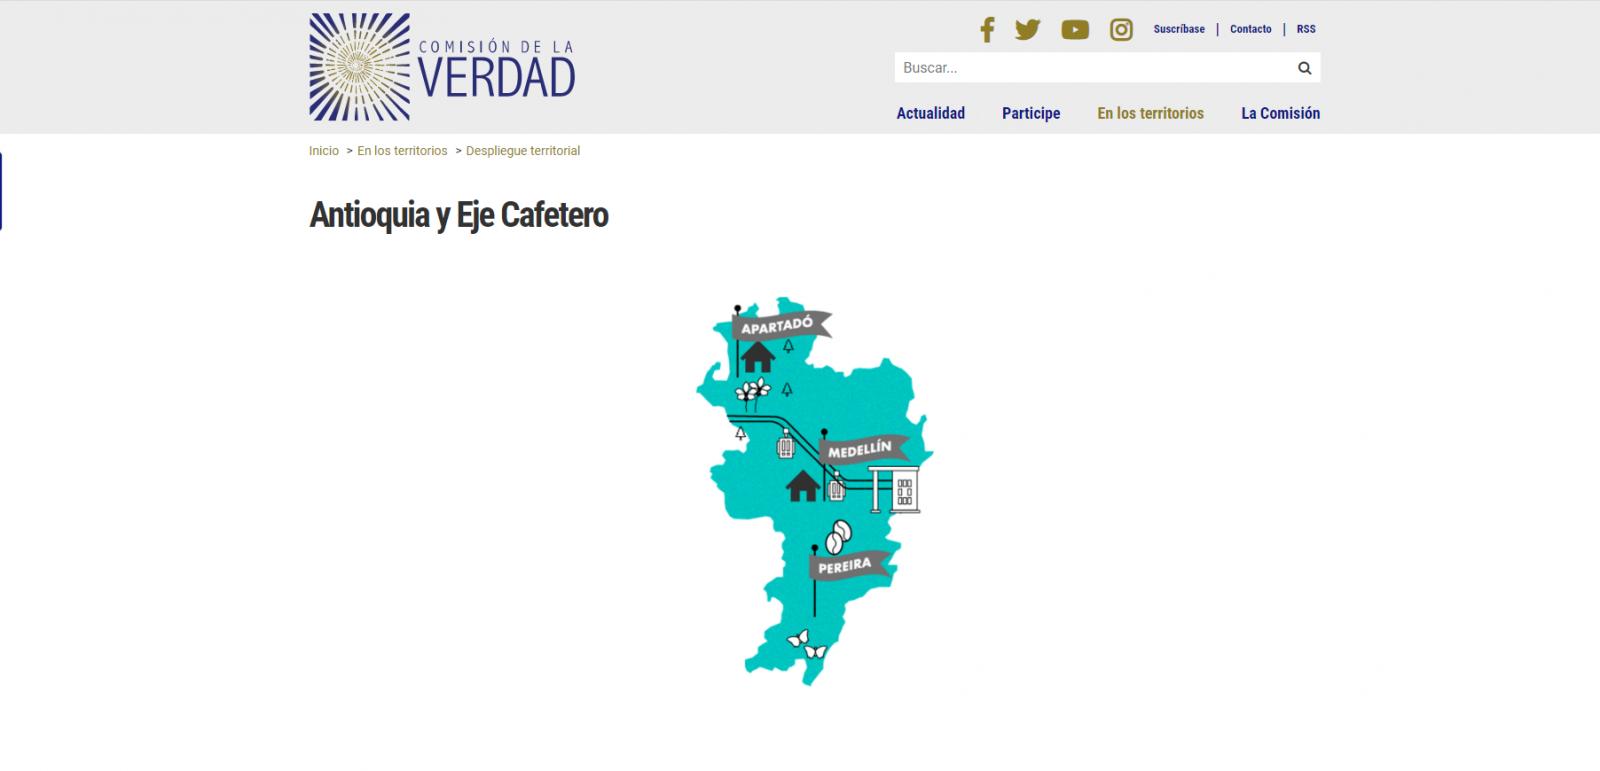 Photography image - Loading Comisi__n_de_la_Verdad_Antioquia_y_eje_cafetero.png